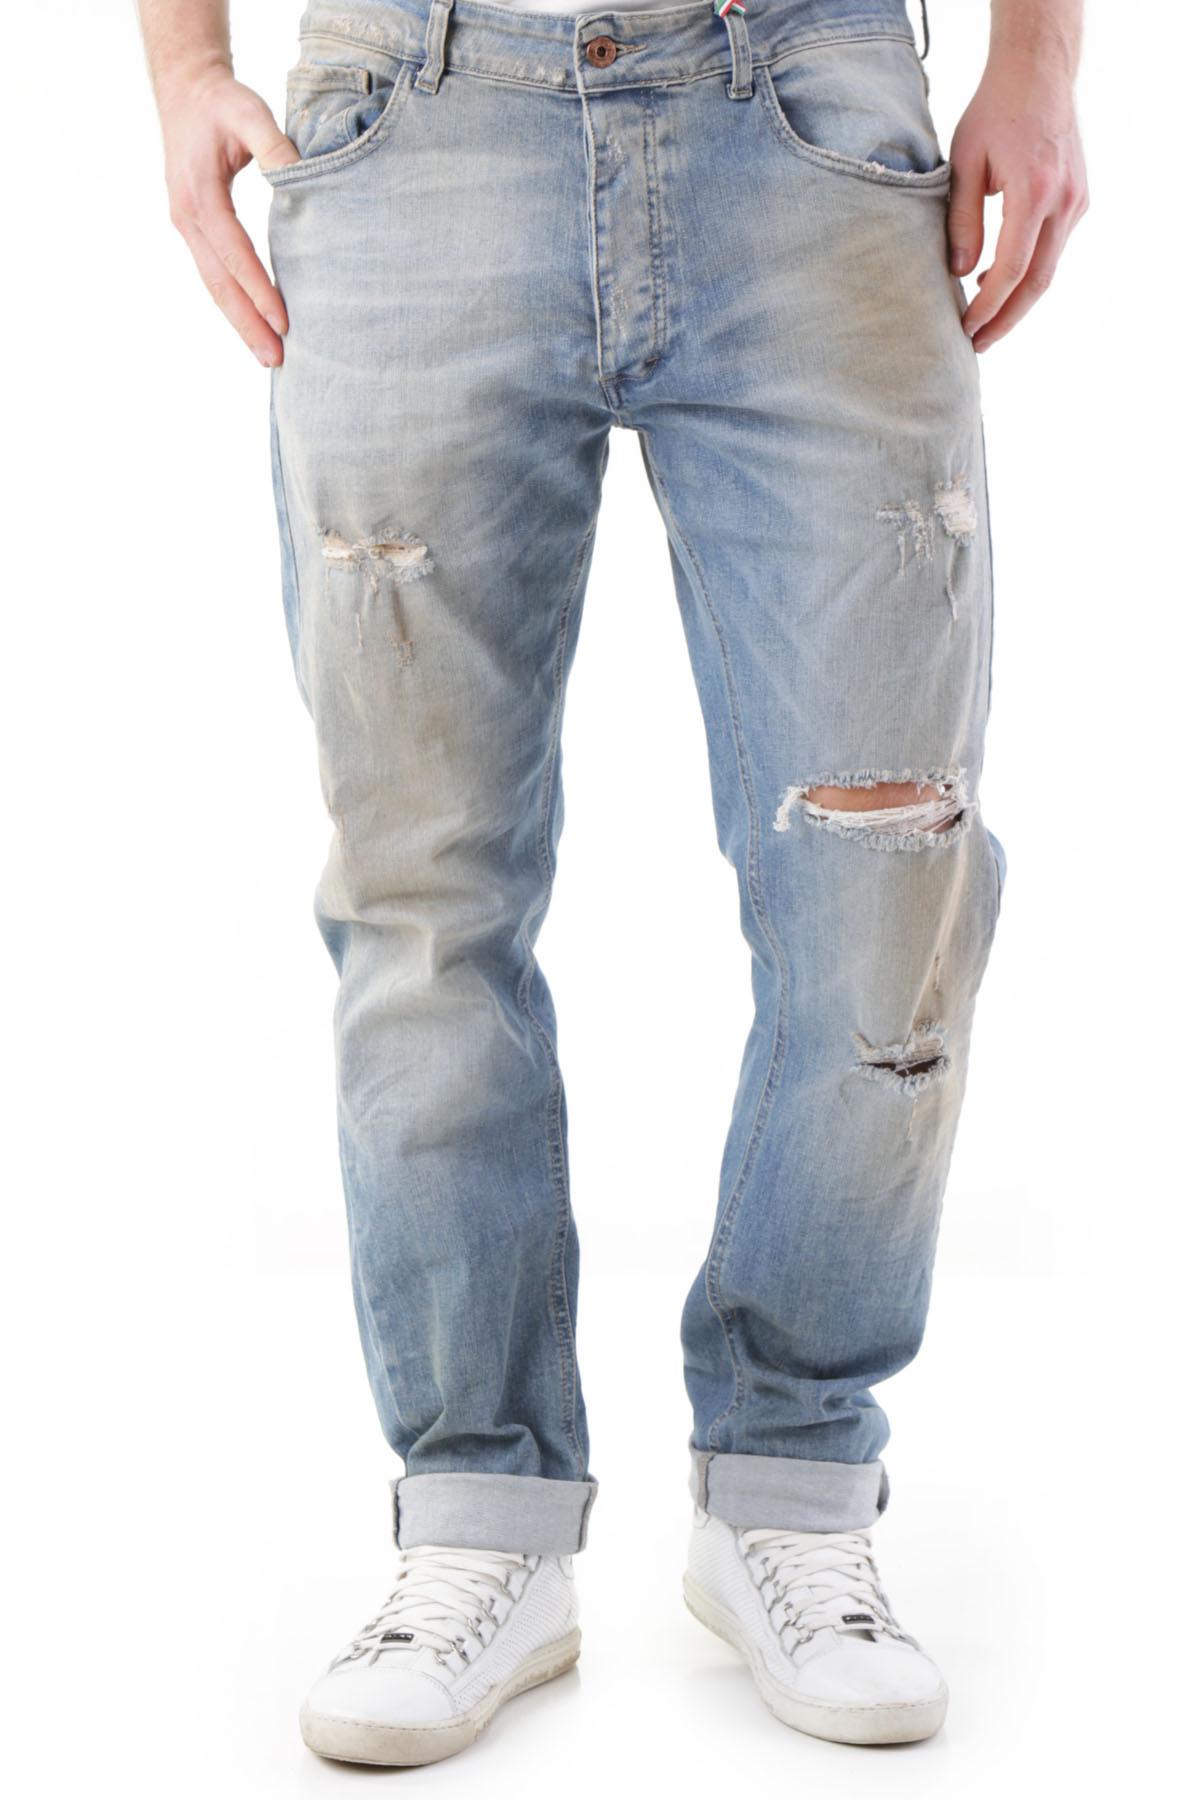 Marchio 525 Genere Uomo Tipologia Jeans Stagione Primavera/Estate  DETTAGLI…